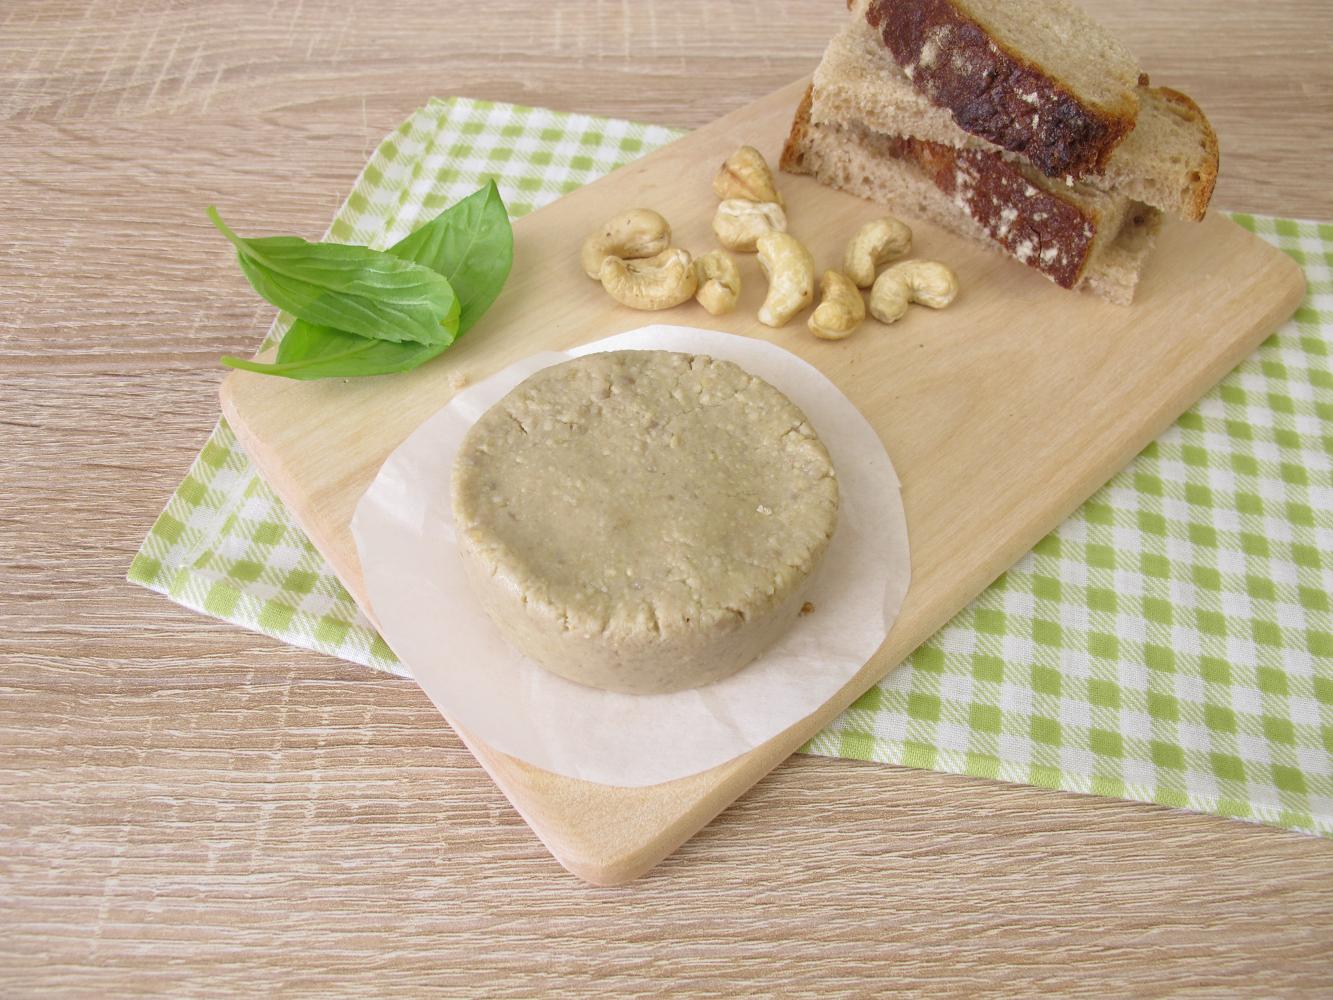 queijo inteiro vegan de caju